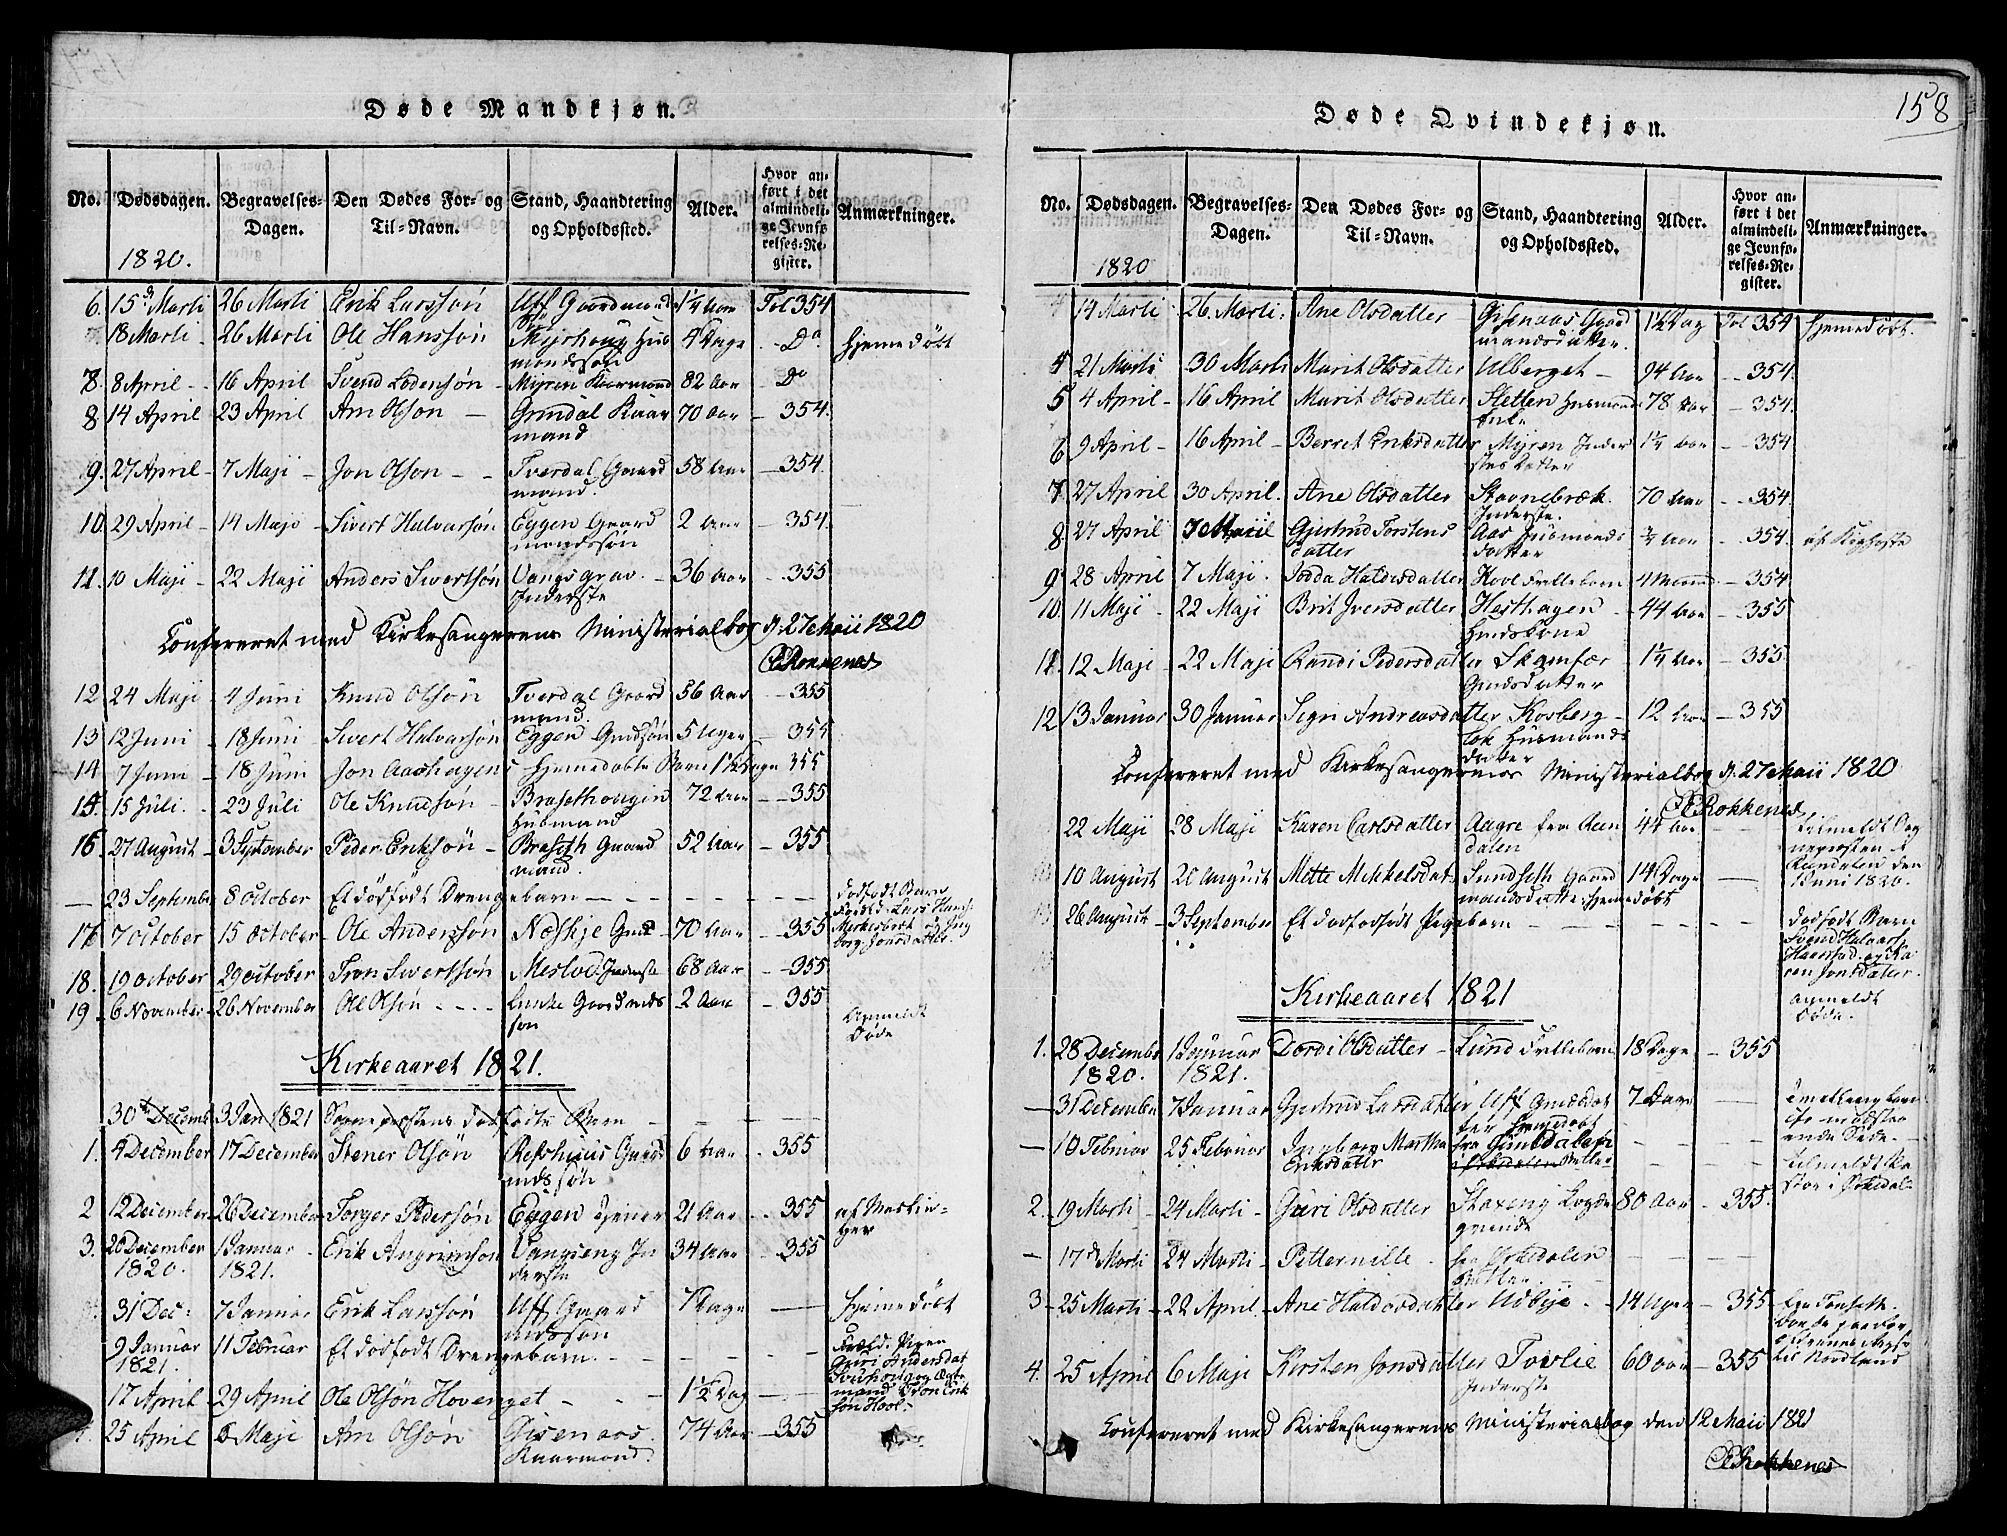 SAT, Ministerialprotokoller, klokkerbøker og fødselsregistre - Sør-Trøndelag, 672/L0854: Ministerialbok nr. 672A06 /2, 1816-1829, s. 158